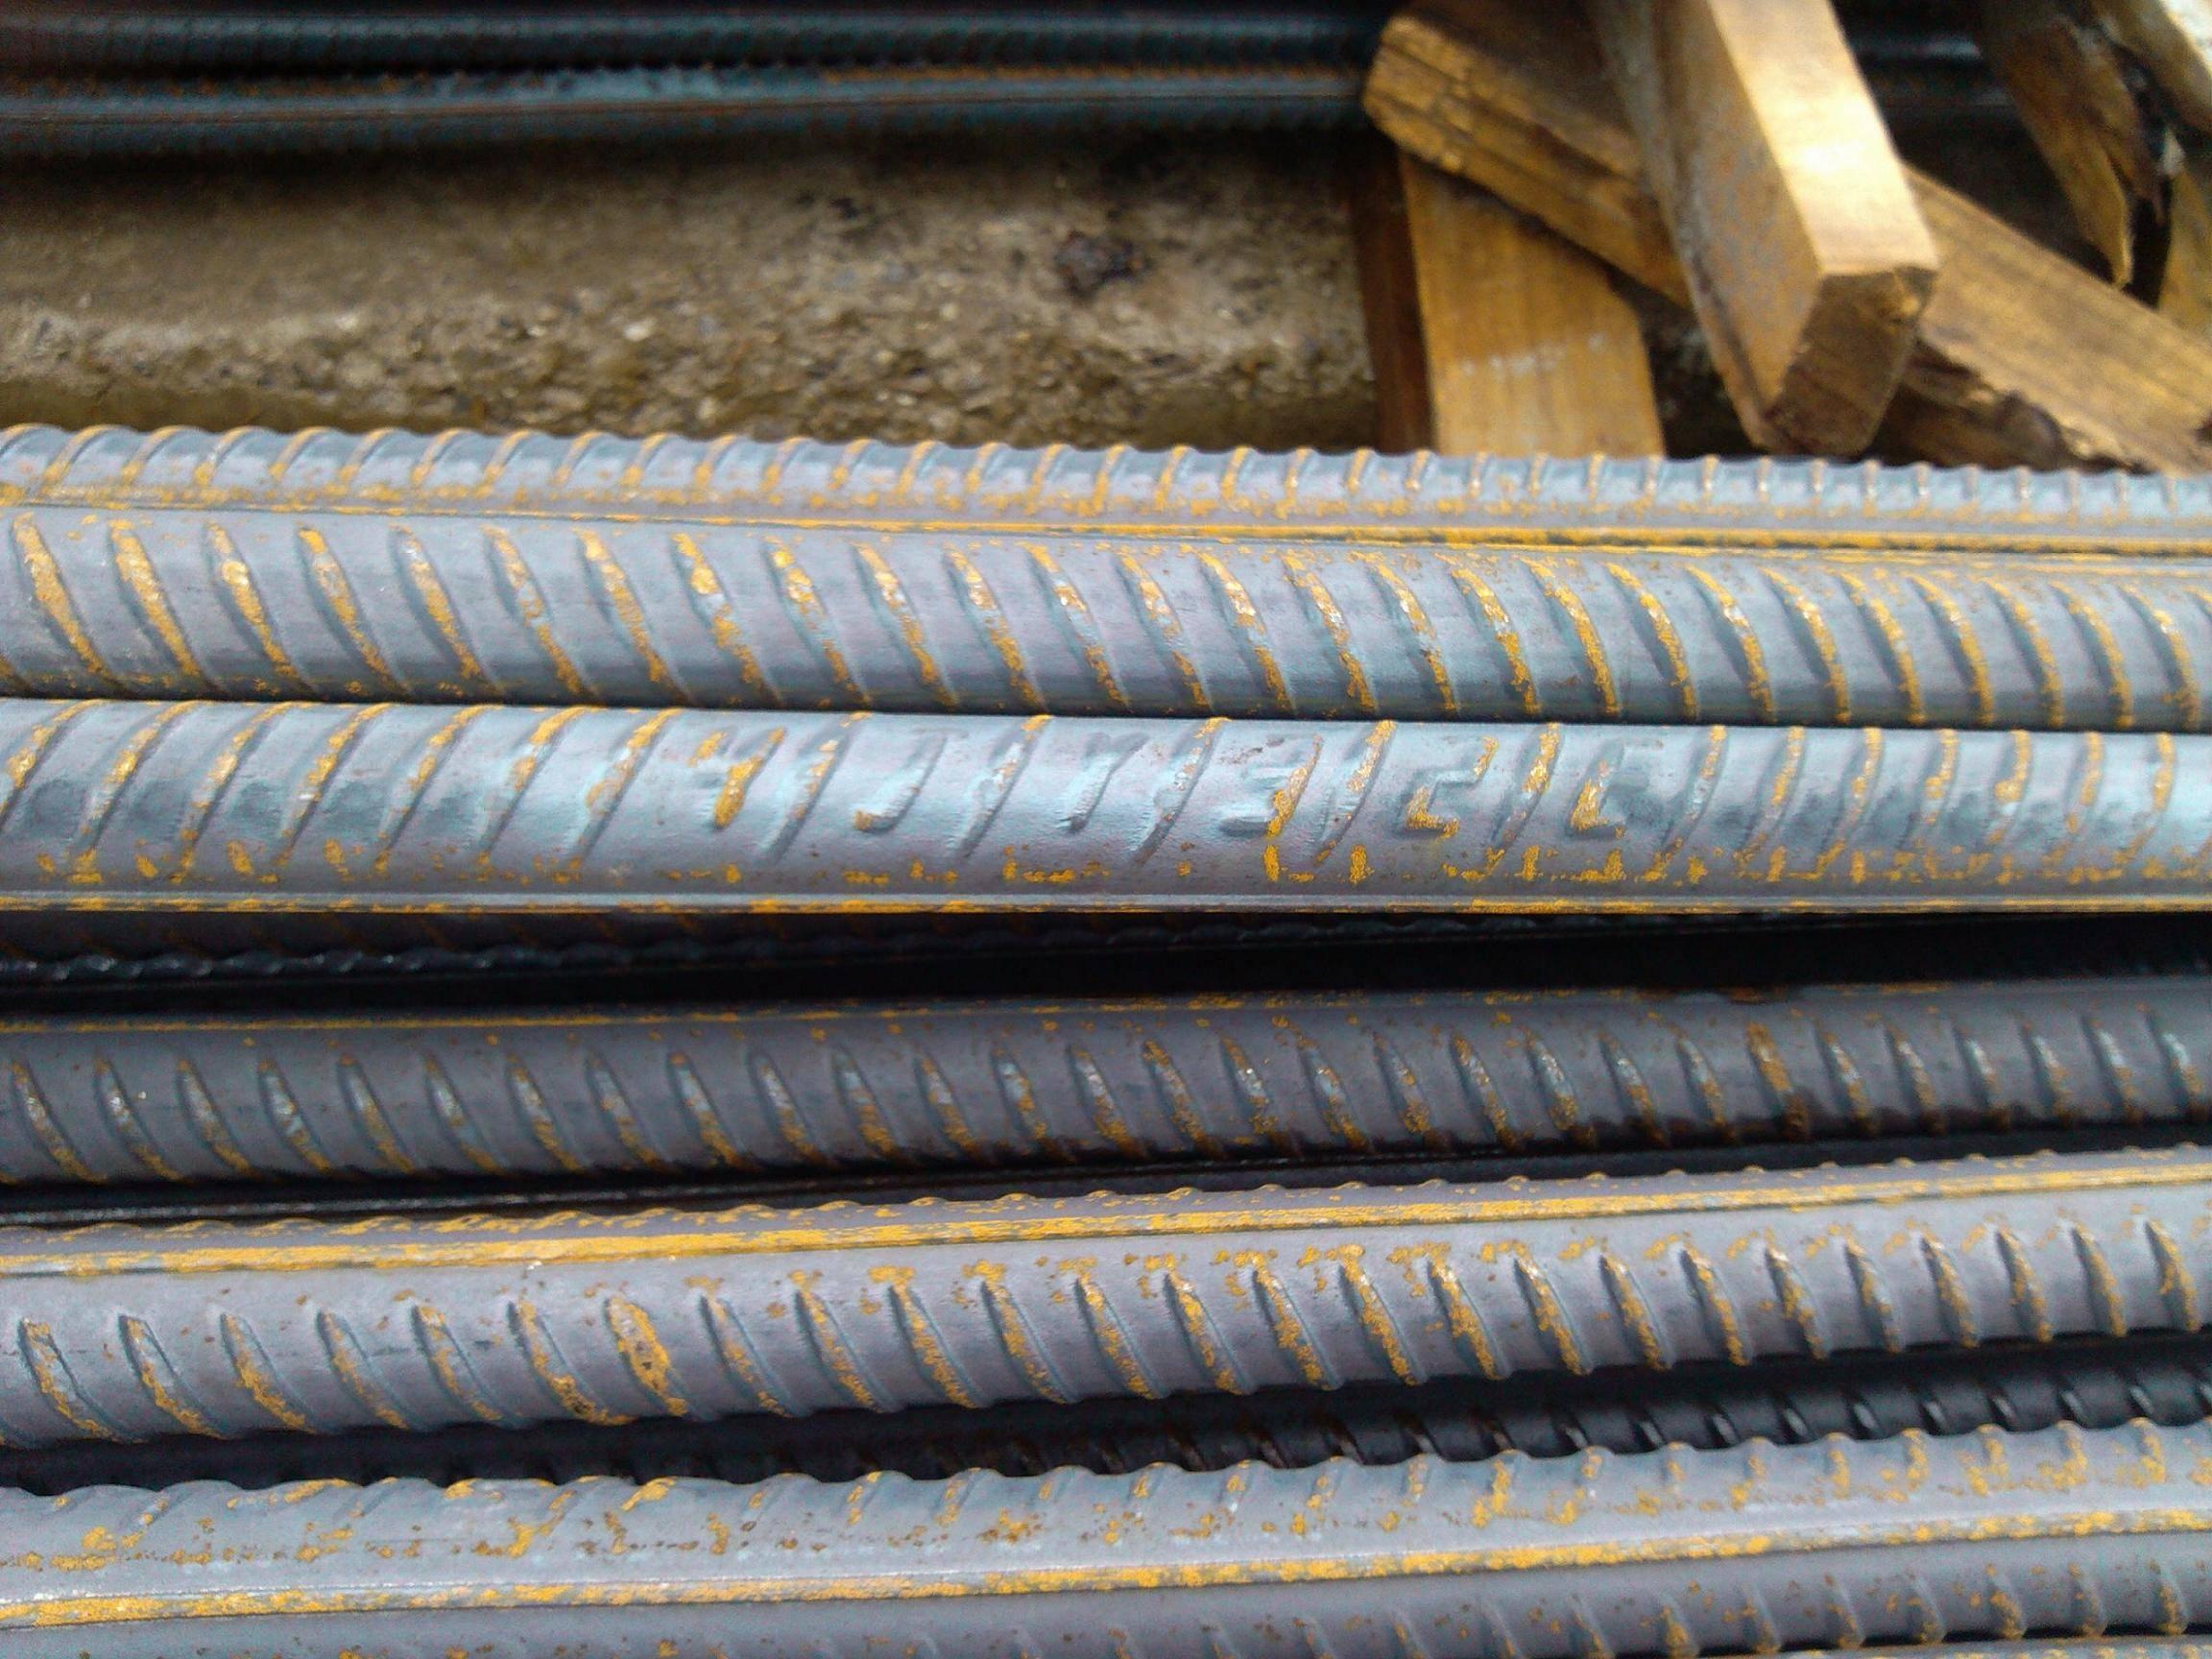 steel deformed bar